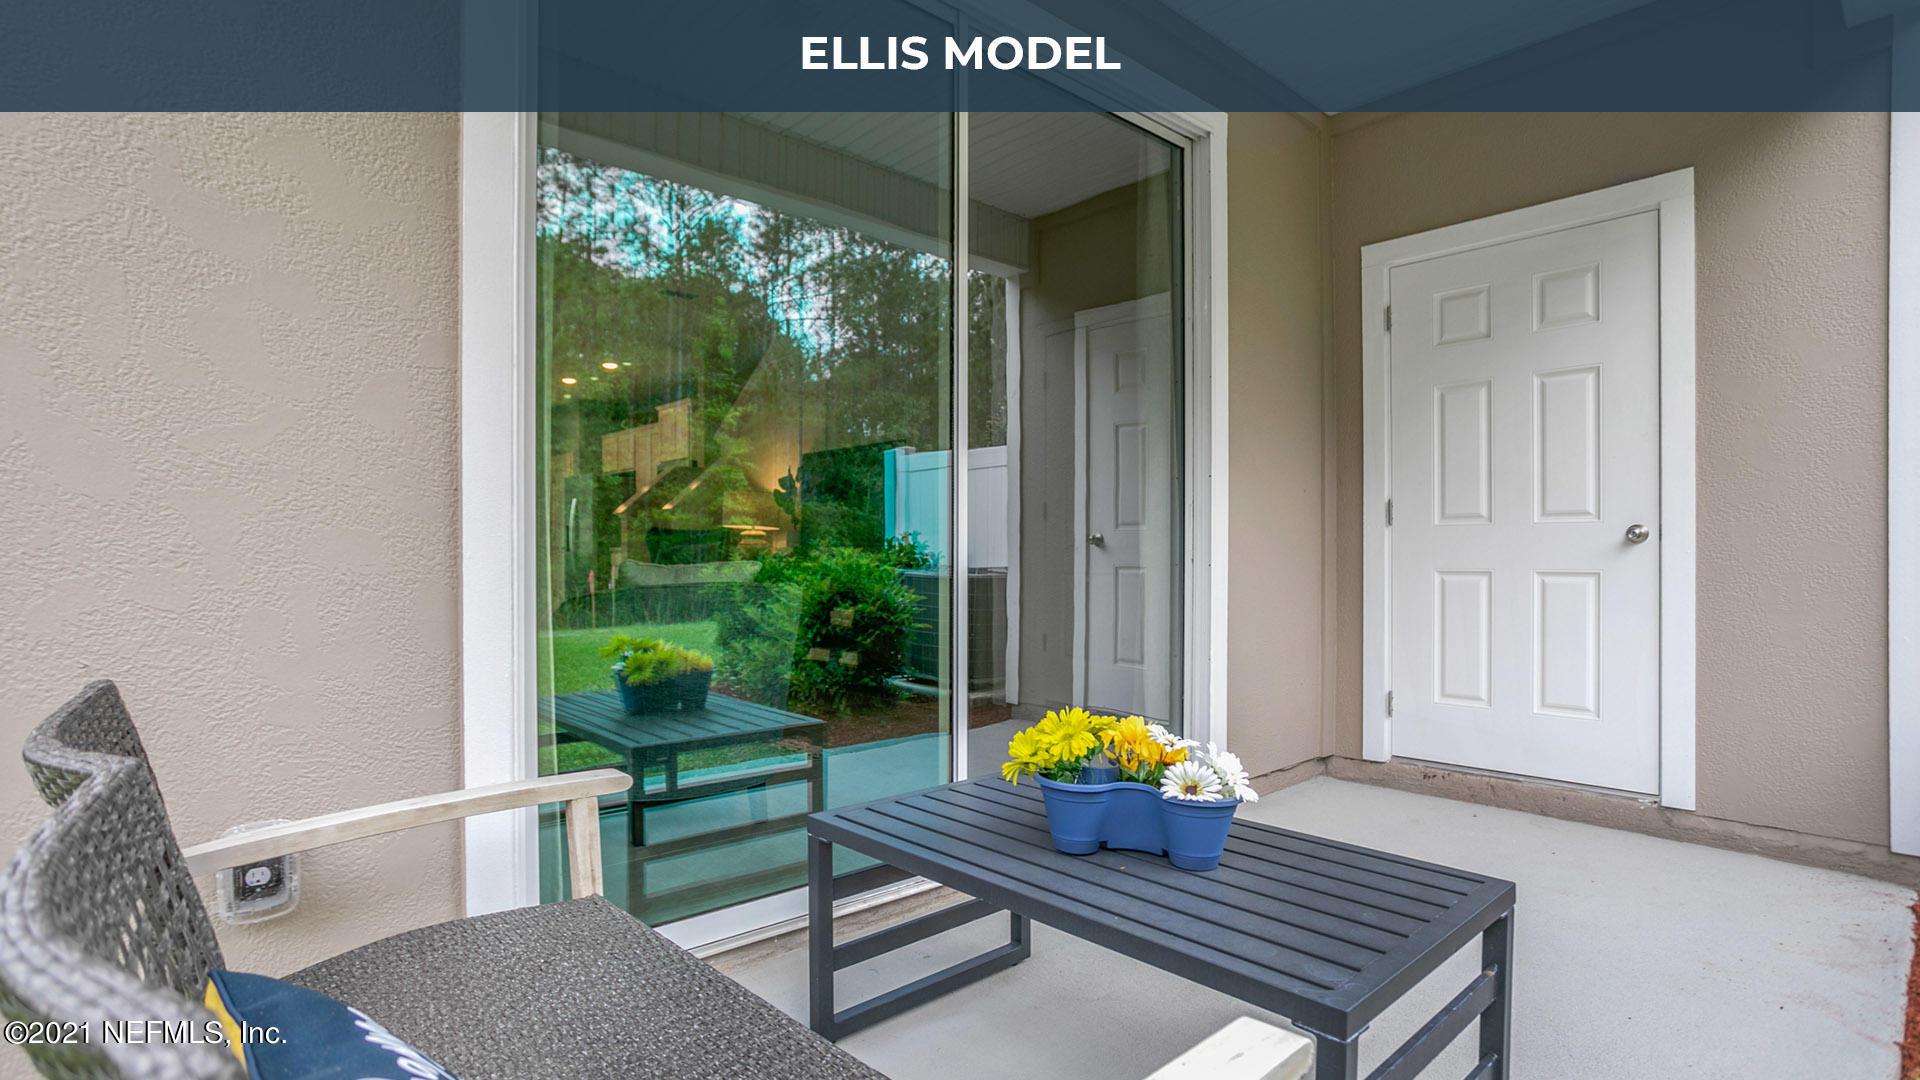 575 OAKLEAF PLANTATION, ORANGE PARK, FLORIDA 32065, 3 Bedrooms Bedrooms, ,2 BathroomsBathrooms,Residential,For sale,OAKLEAF PLANTATION,1096784